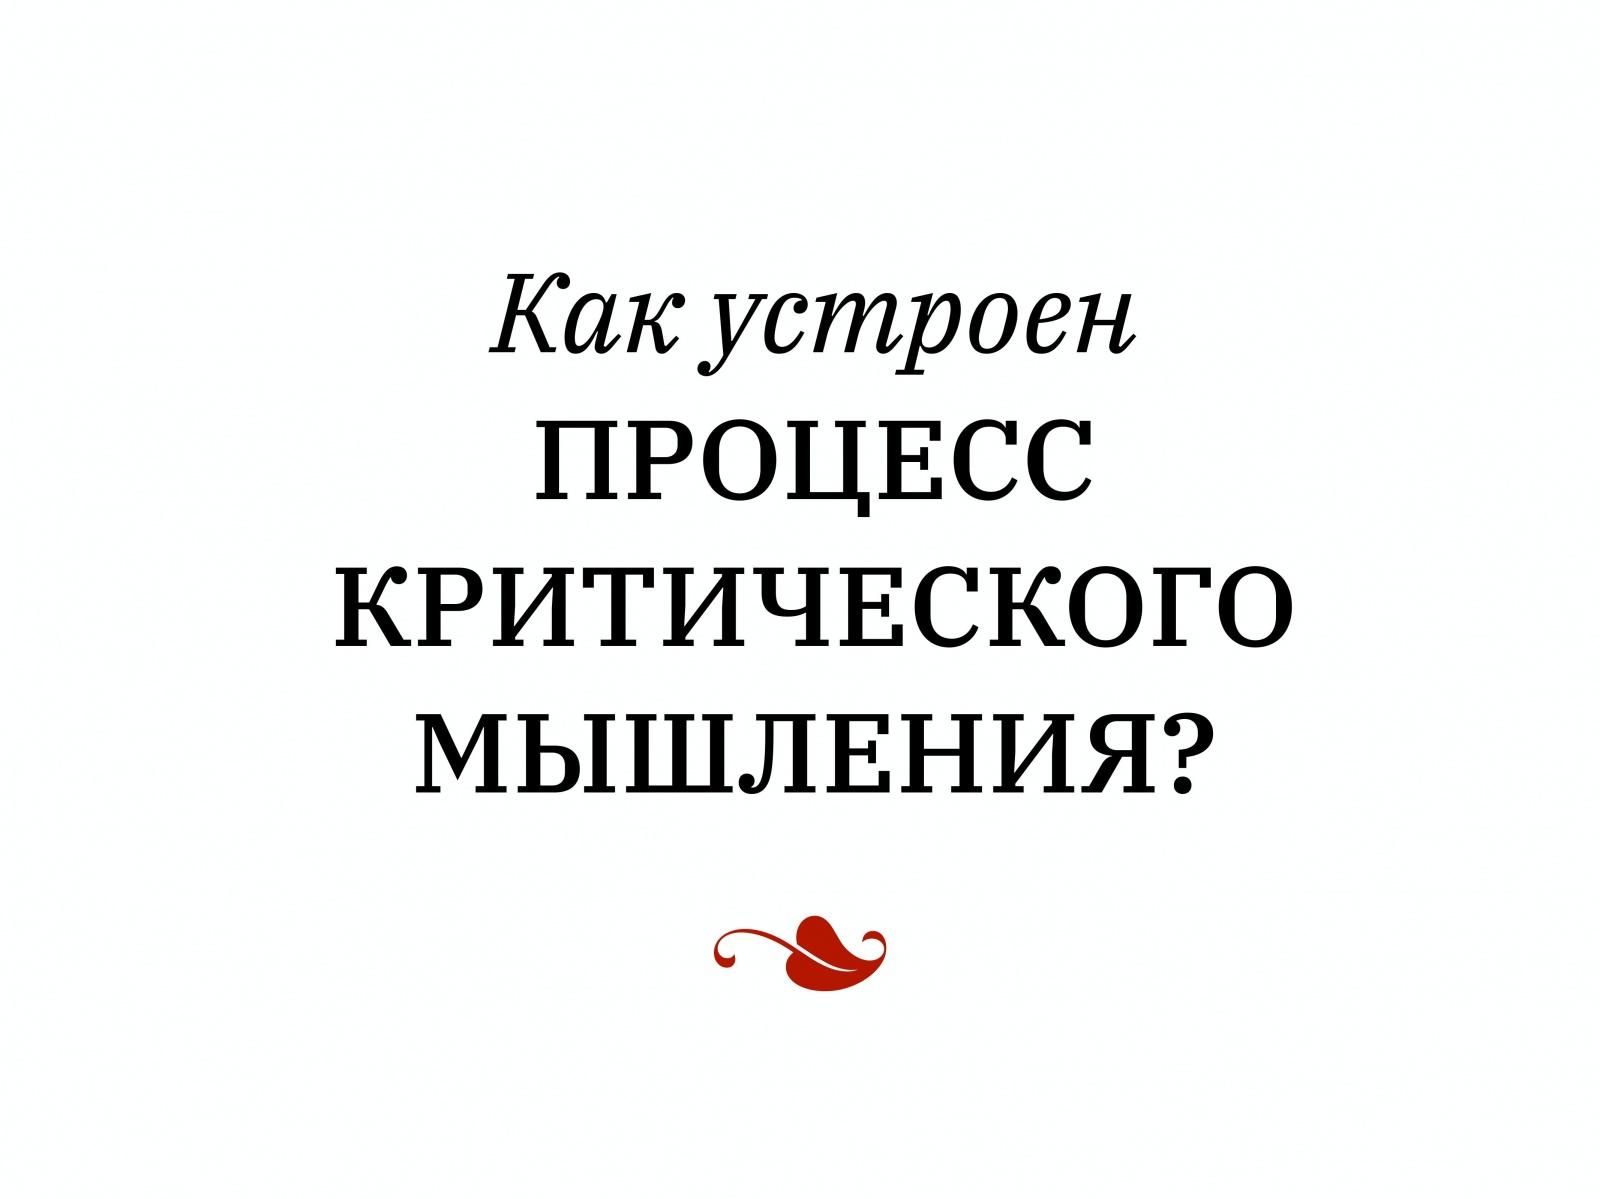 Алексей Каптерев: Критическое мышление 101 (часть 2) - 1